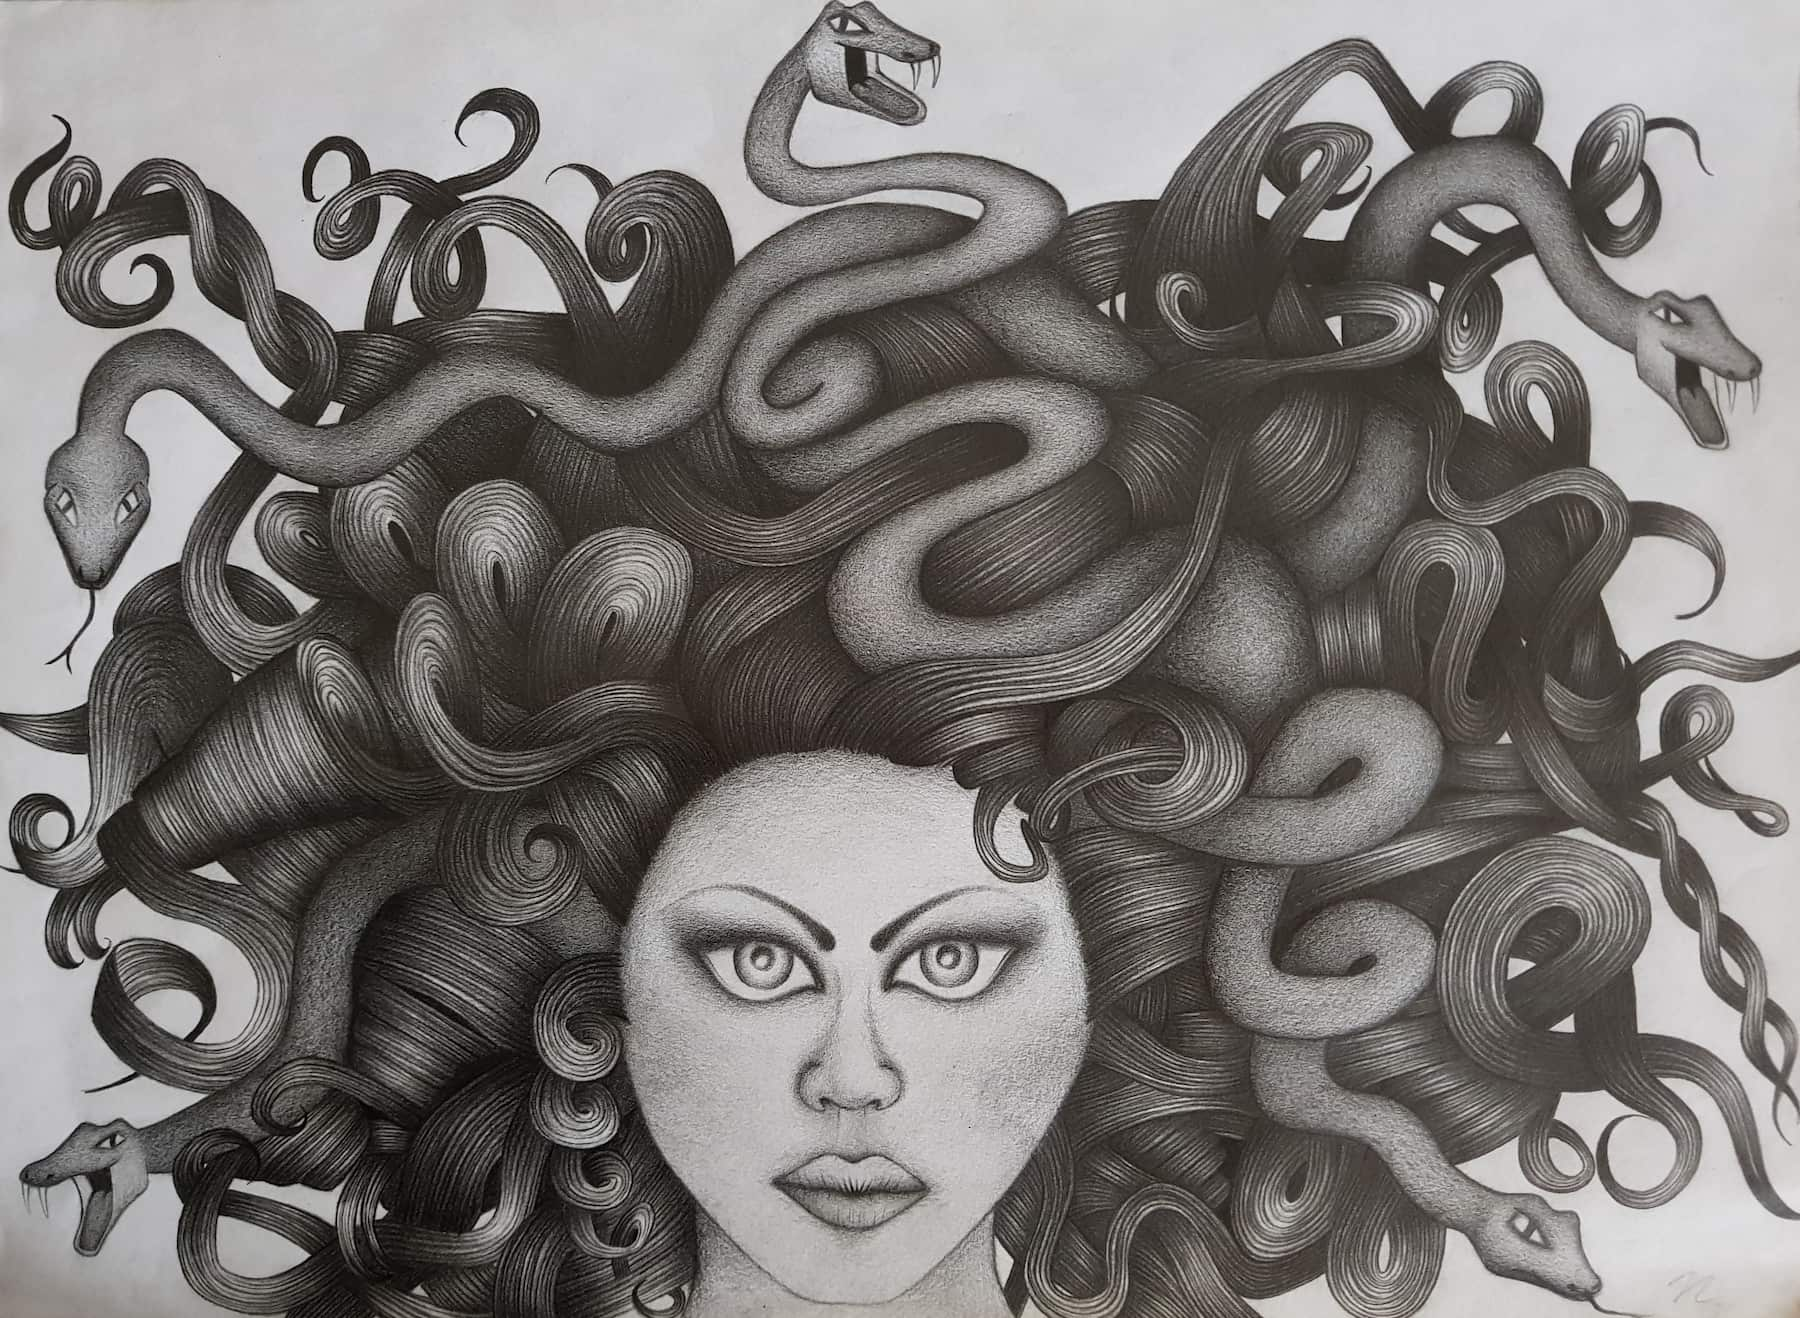 Medusa - 29,5cm x 40,5cm - Bleistift auf Papier by Nadin Wunderlich